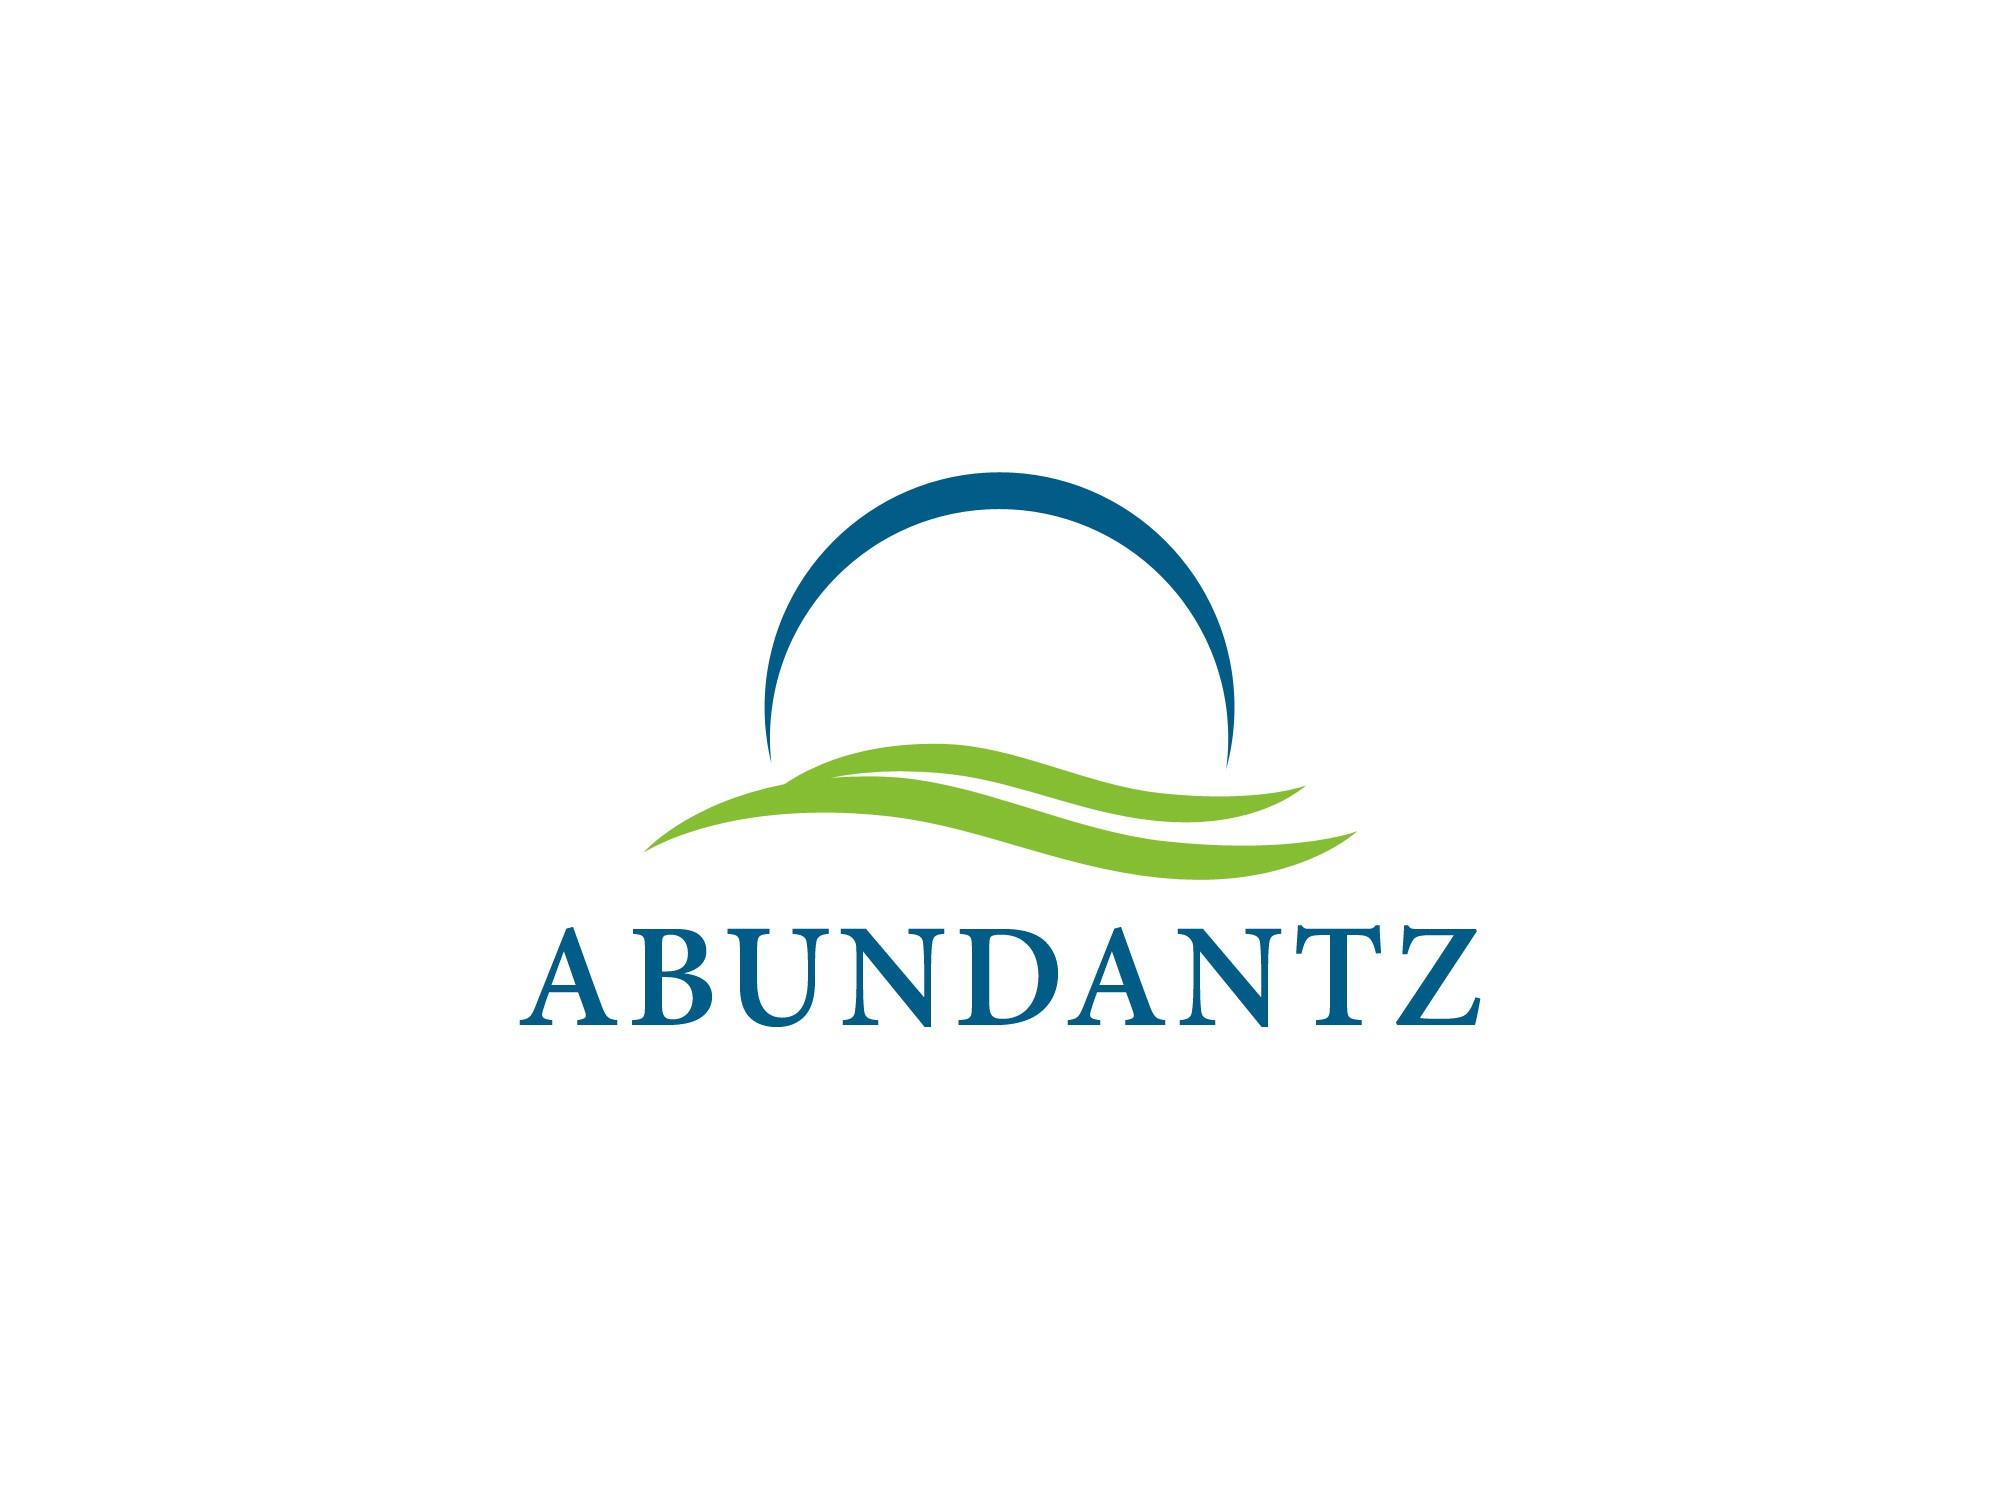 Abundantz Logo Design